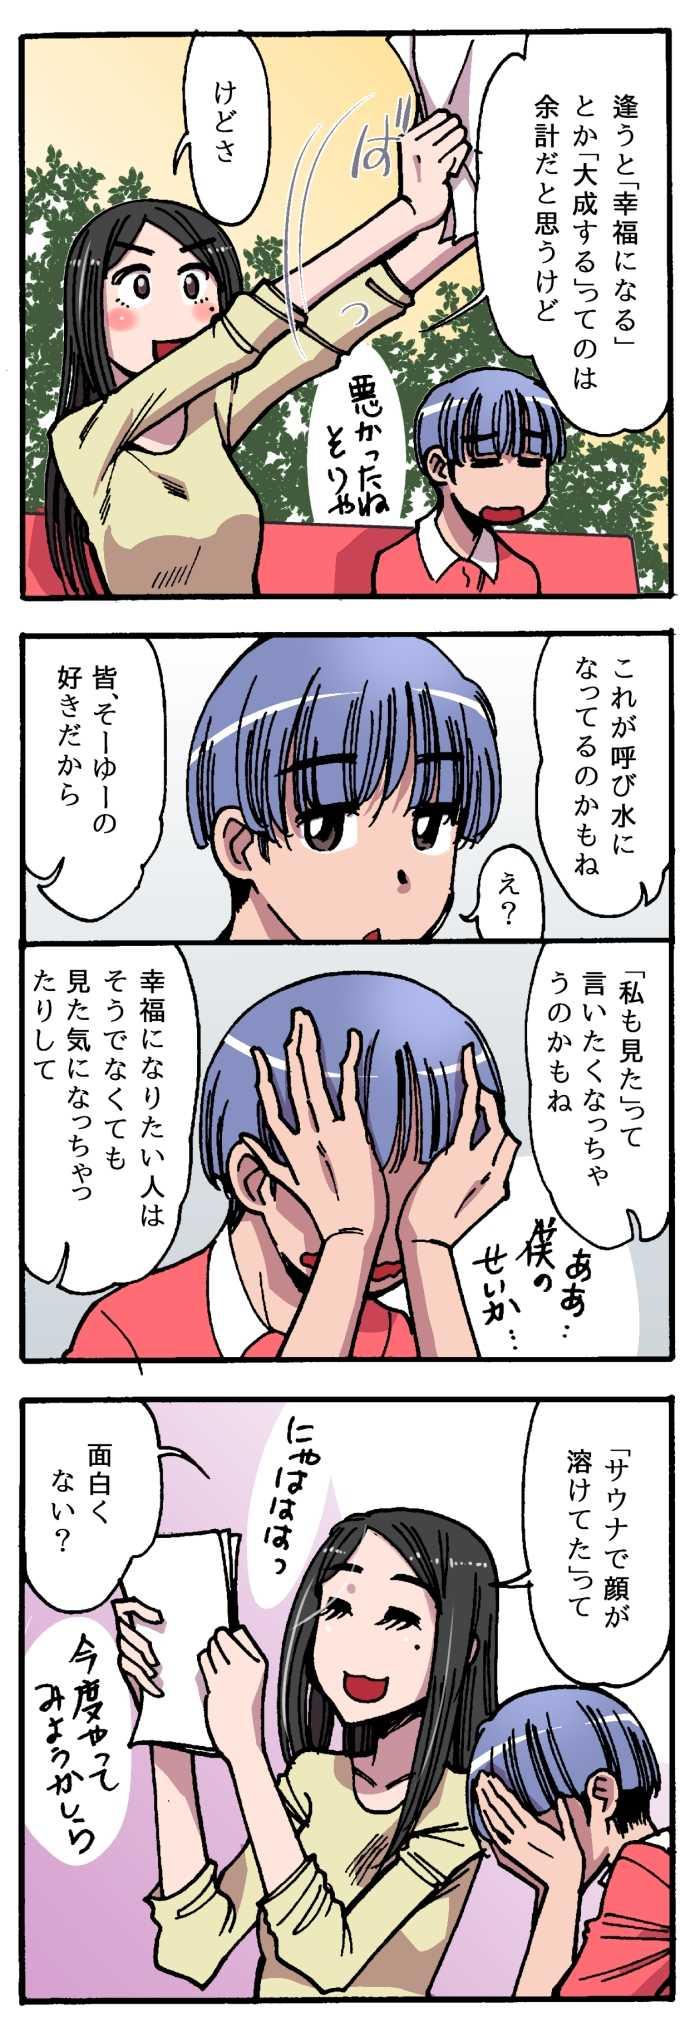 06.「アンタ…ナニ?」